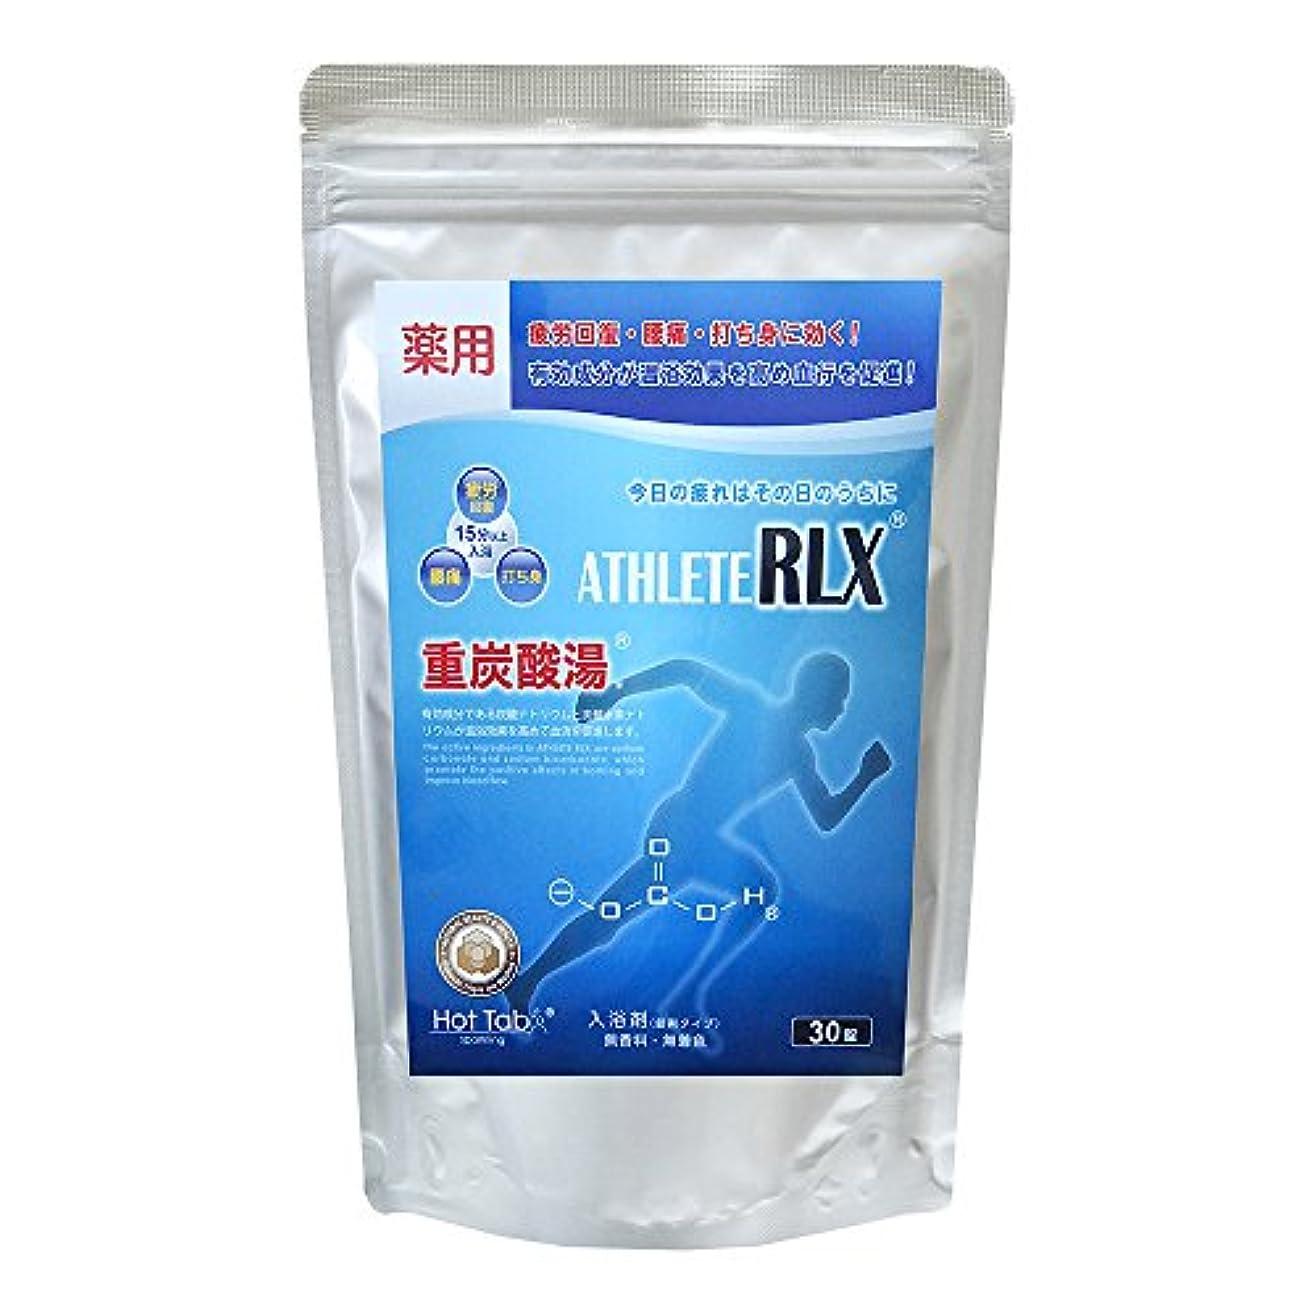 冗長とげのある高くホットアルバムコム ATHLETE RLX(アスリートRLX) 薬用 30錠入り